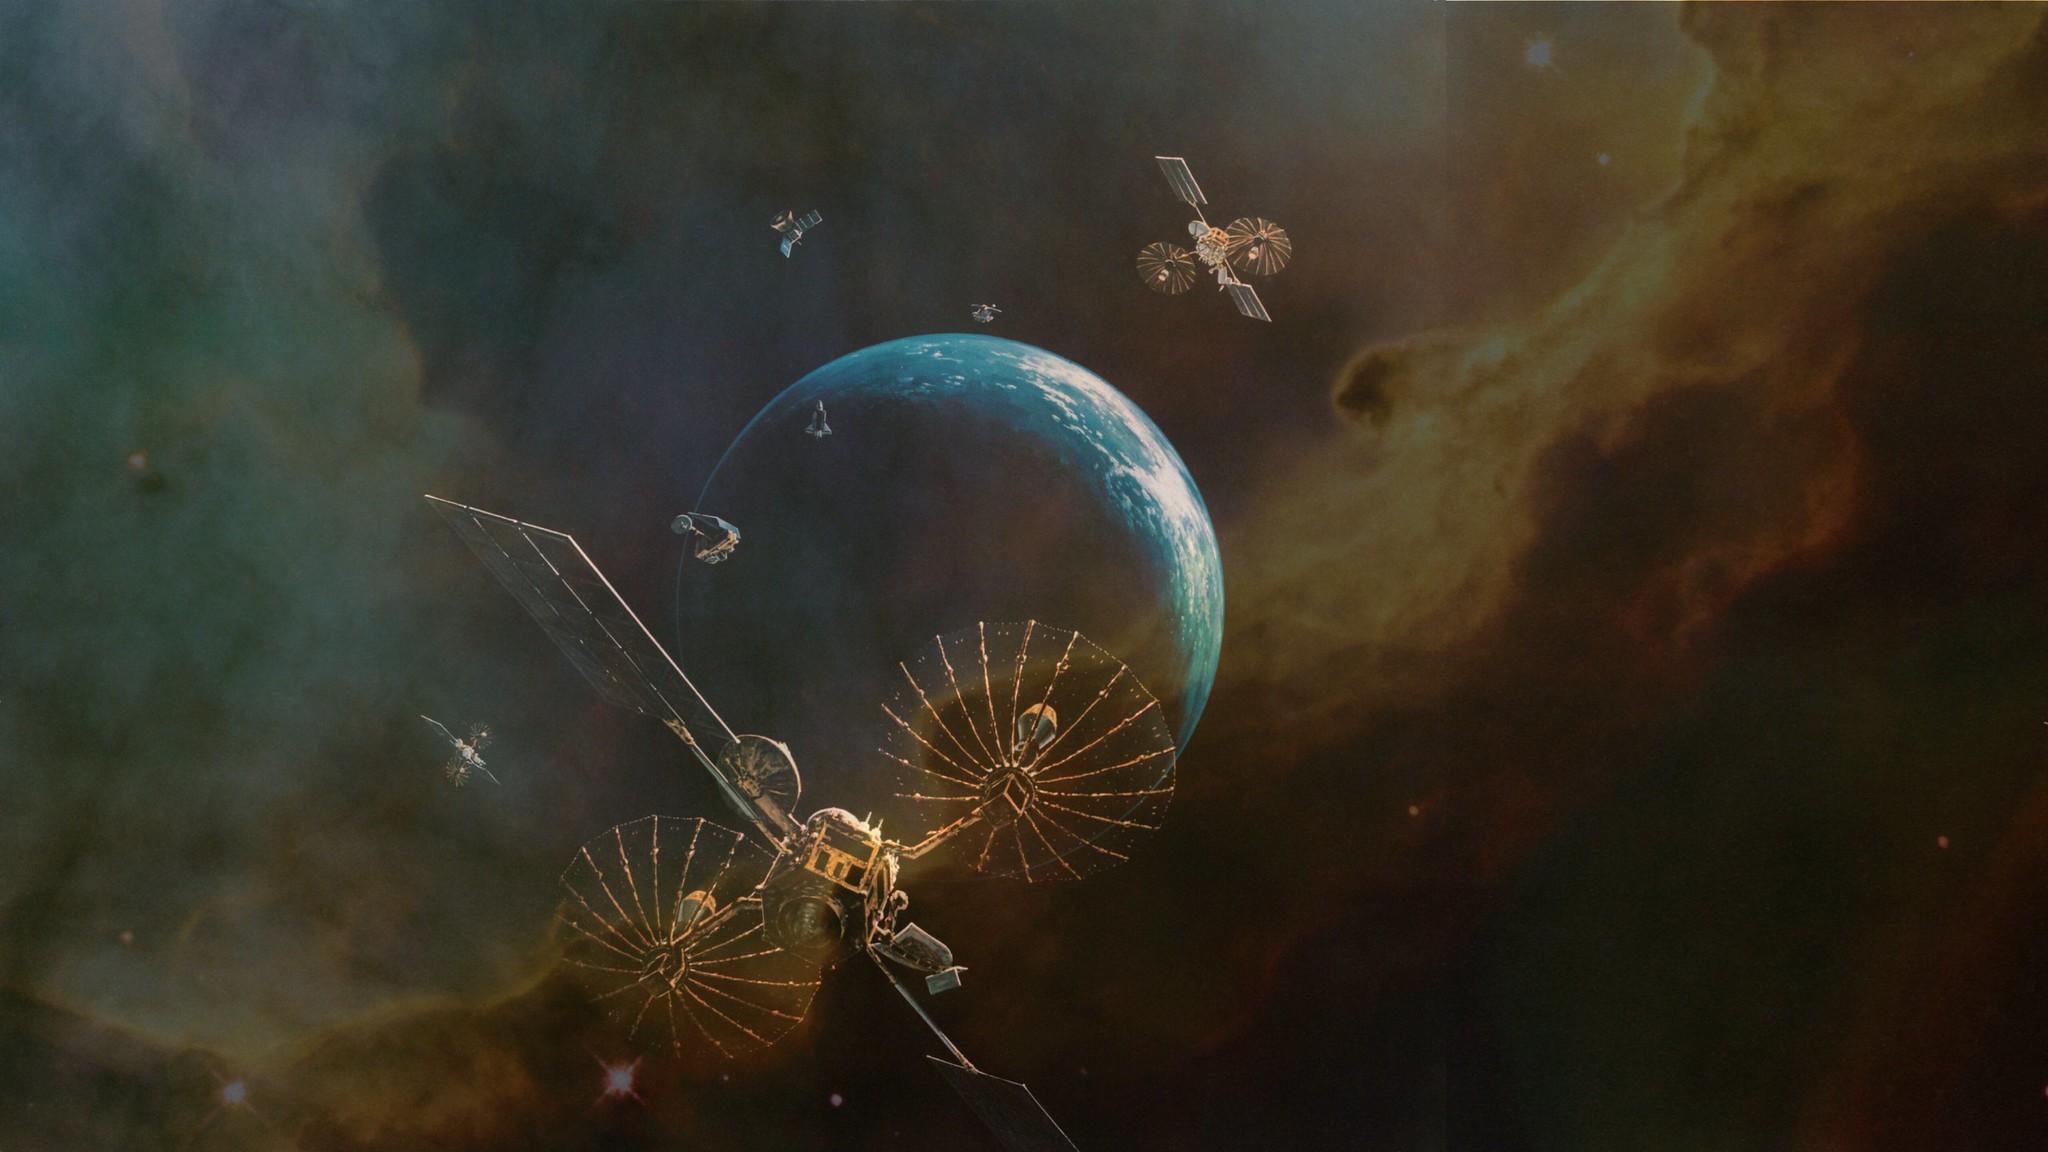 nasa goddard space flight center flickr